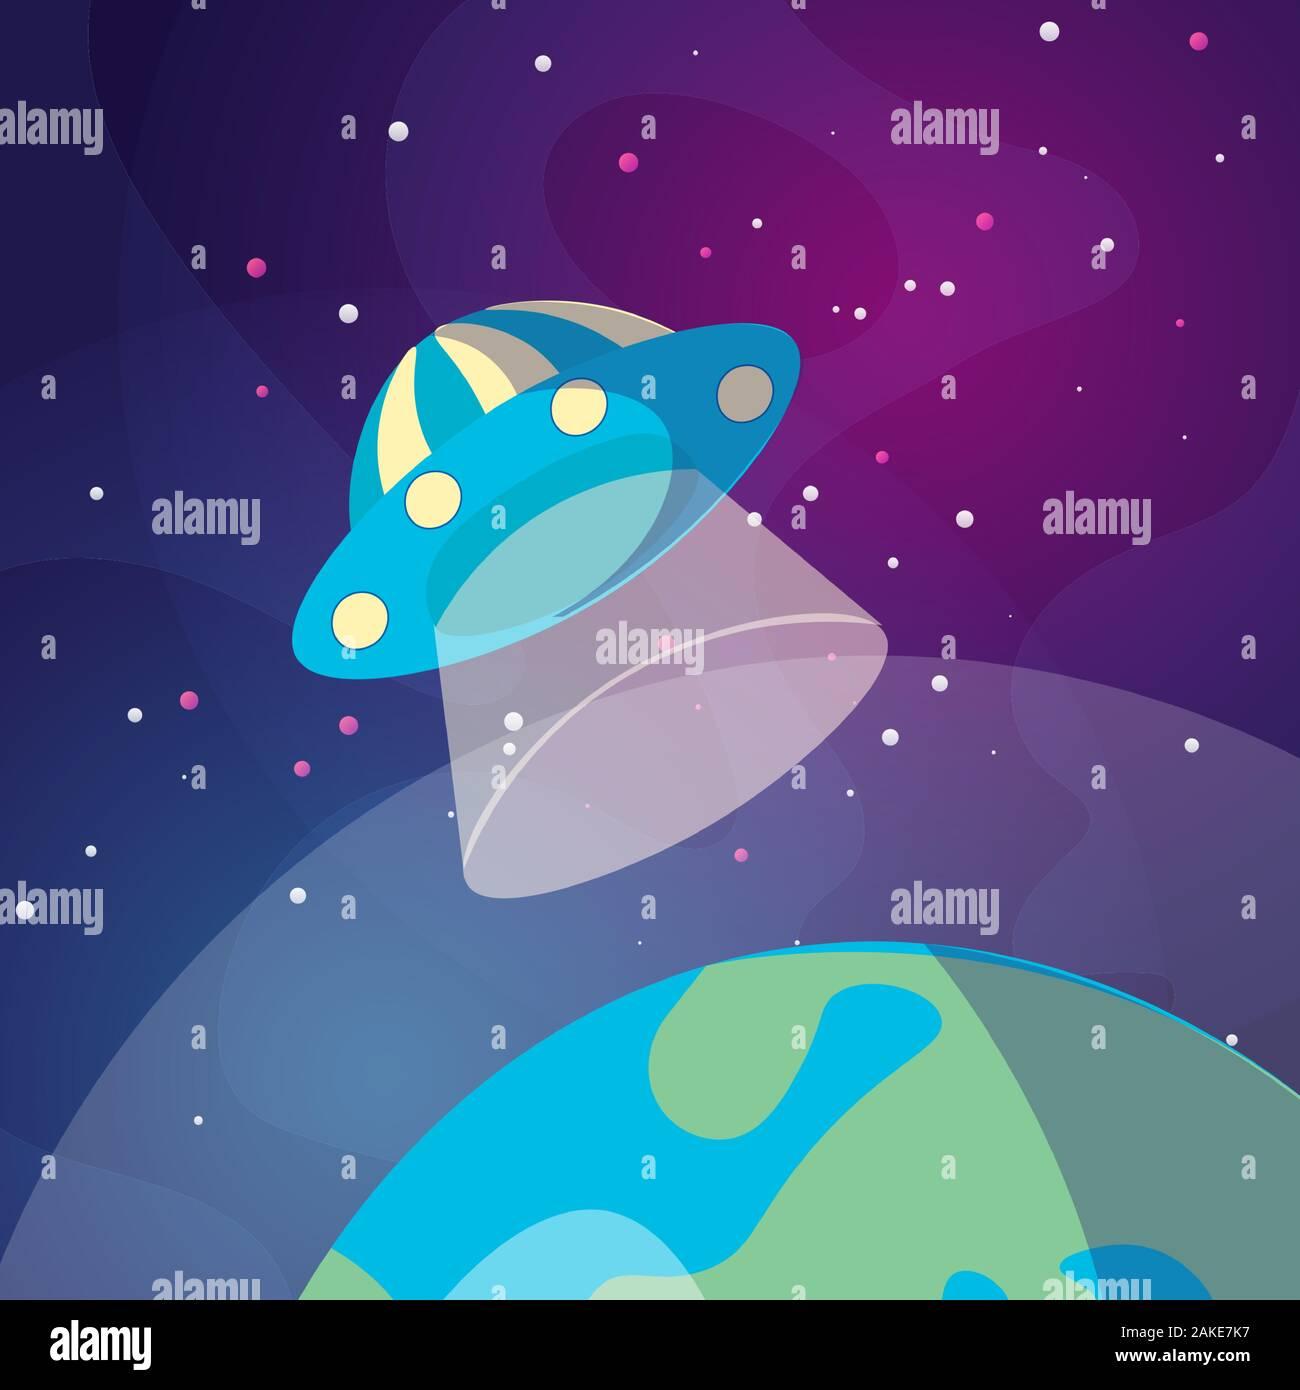 Cute cartoon illustration de UFO space ship l'atterrissage sur la terre ou planète Exo. Illustration de soucoupe volante sur fond de l'espace lointain. L'atterrissage sur un Illustration de Vecteur